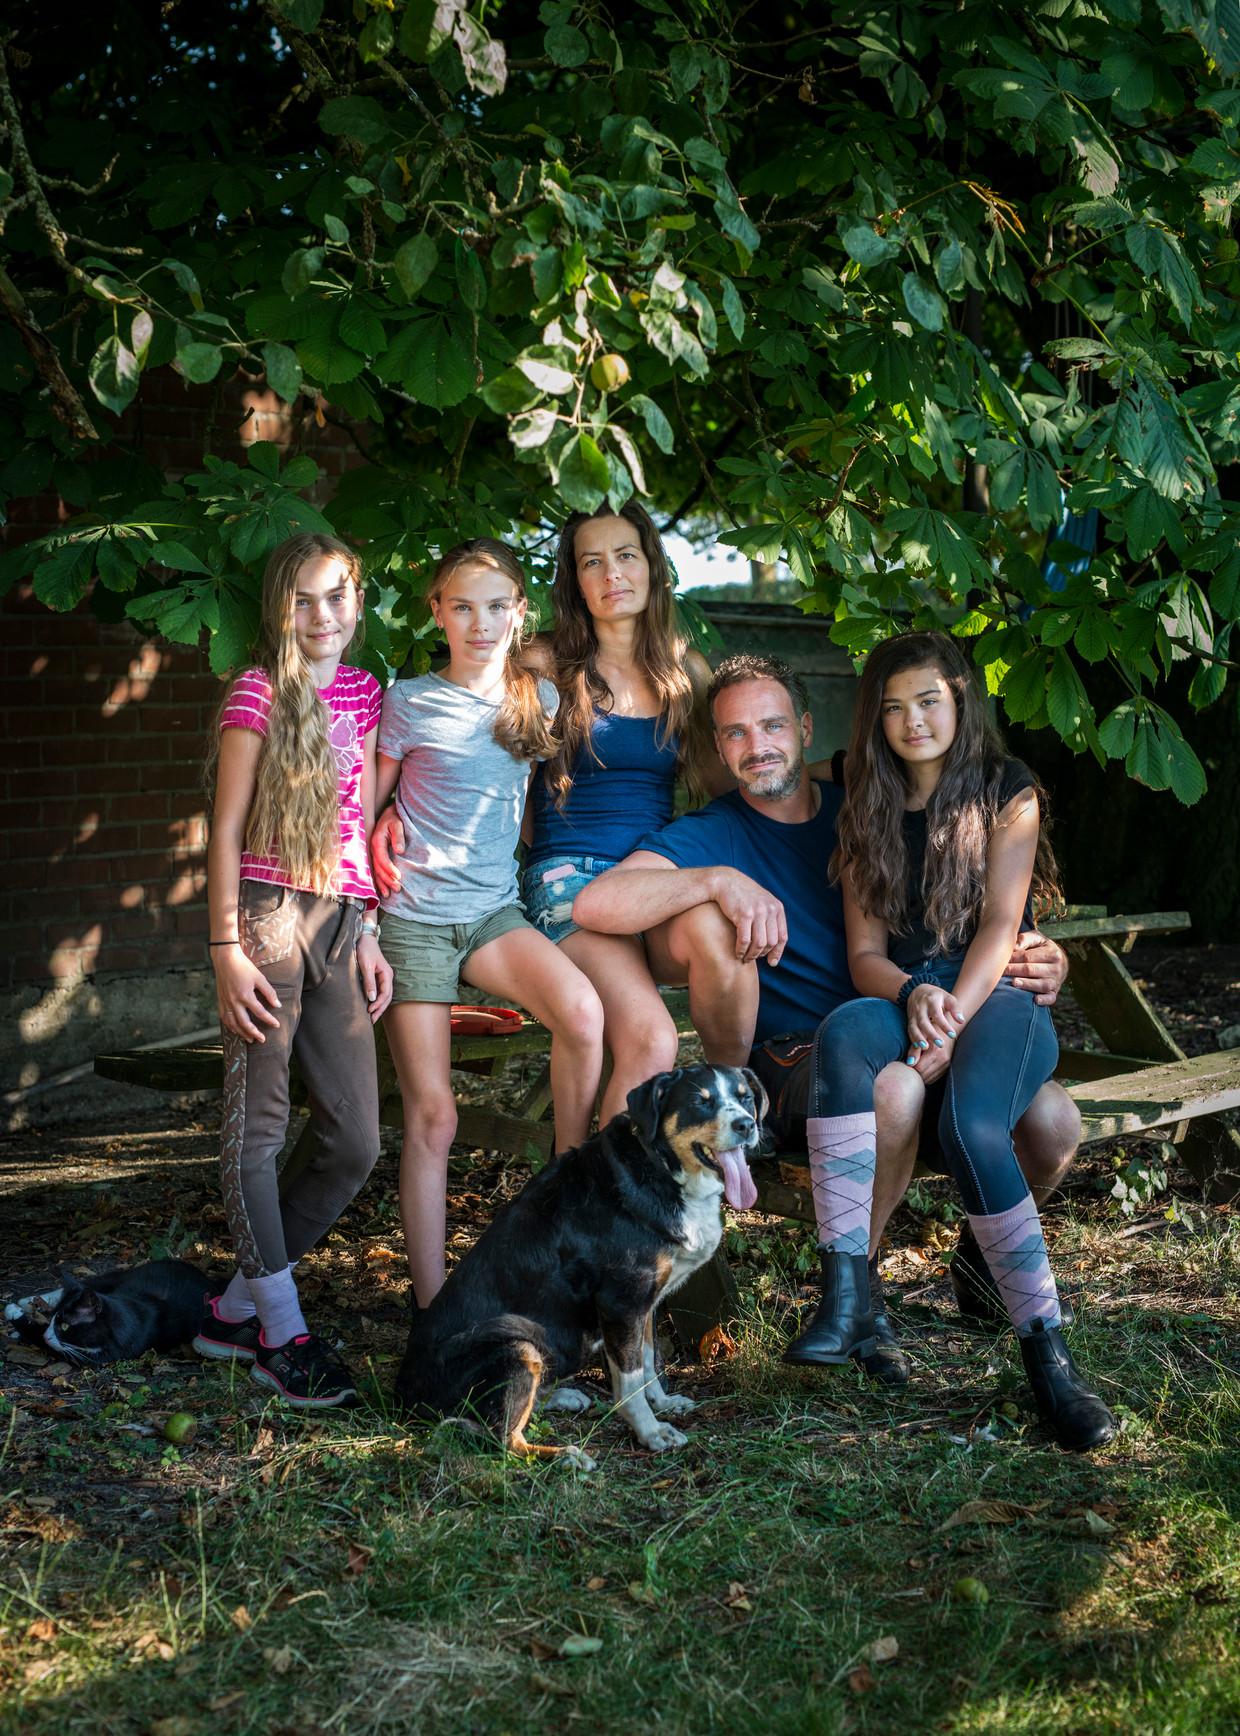 Henno Hak leeft samen met zijn vrouw Femke en 3 dochters op Anna's Hoeve te Abcoude: een boerenbedrijf dat onder grote druk staat. Daarnaast hebben ze een yoghurtmakerij en een bed and breakfast.